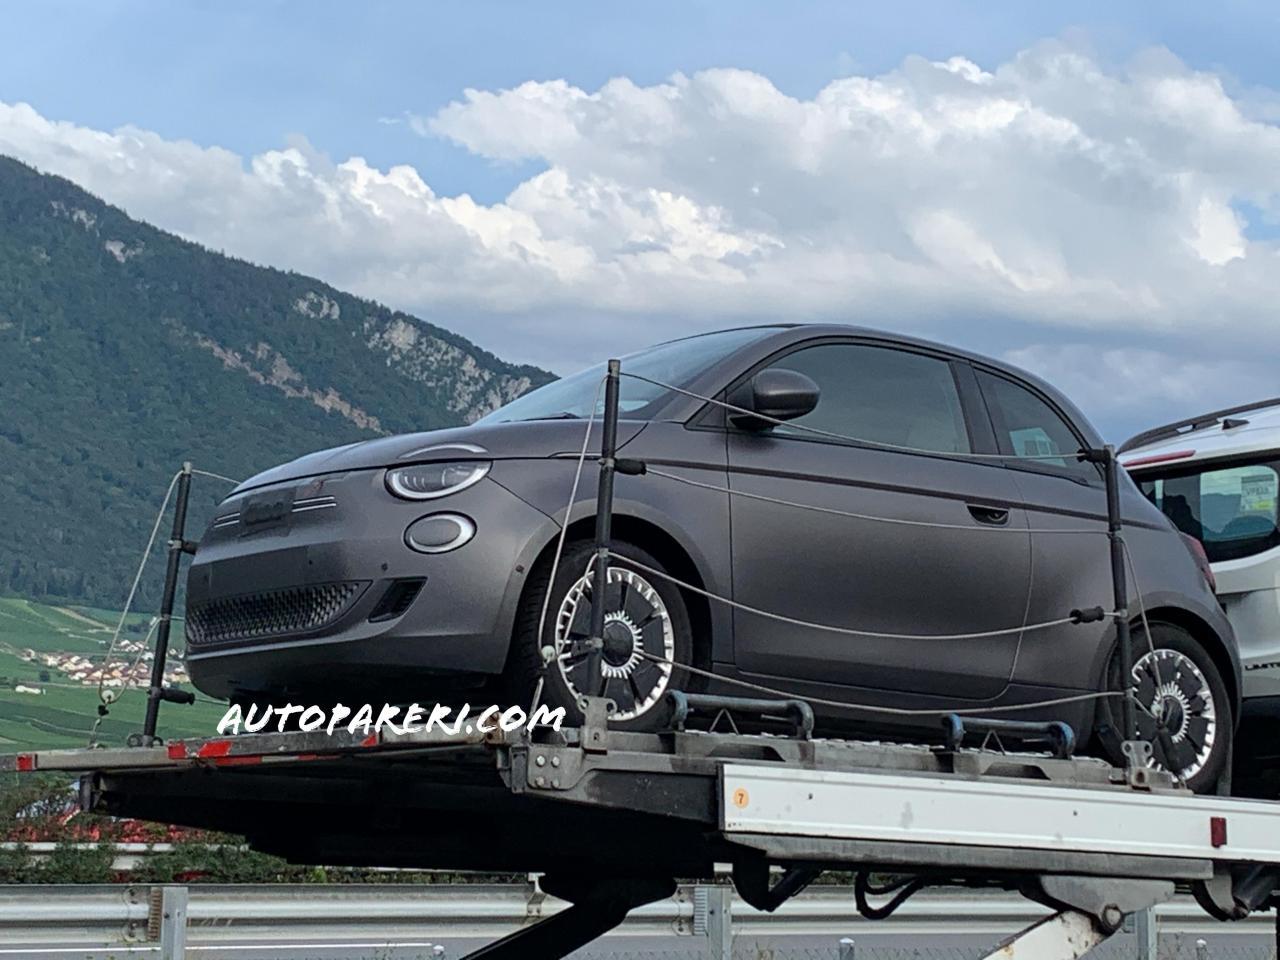 2020 - [Fiat] 500 e - Page 26 45413C7C-EC6F-435D-A85B-F7F20E3C82C6.thumb.jpeg.951aca141190af74455d70d2f02ef422